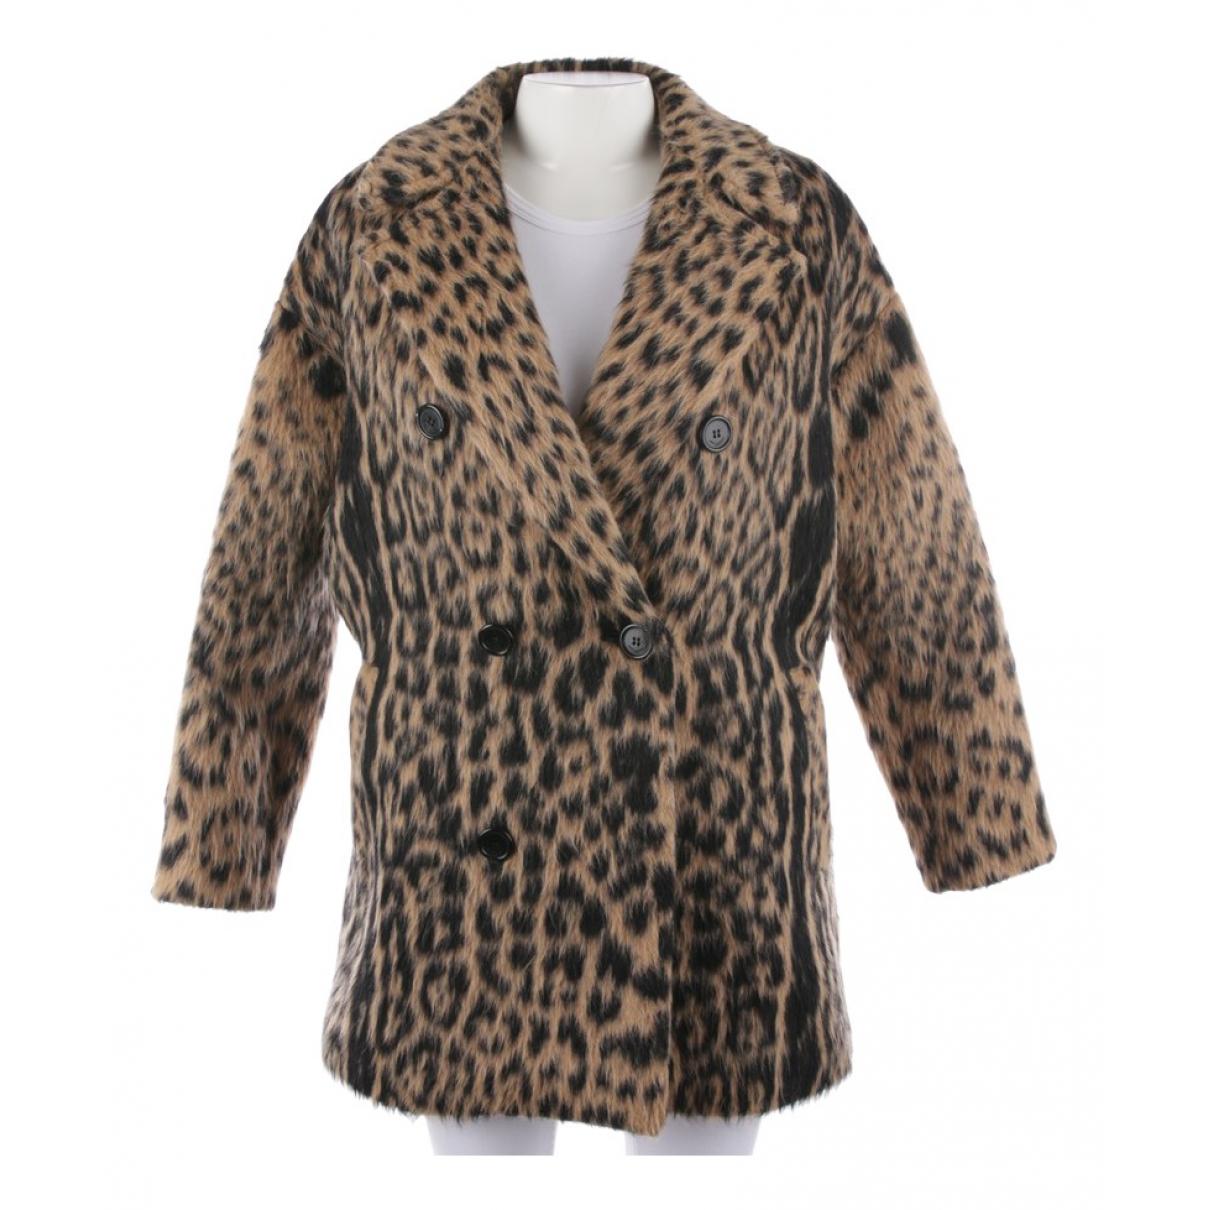 Saint Laurent \N Beige Cotton jacket for Women 38 FR